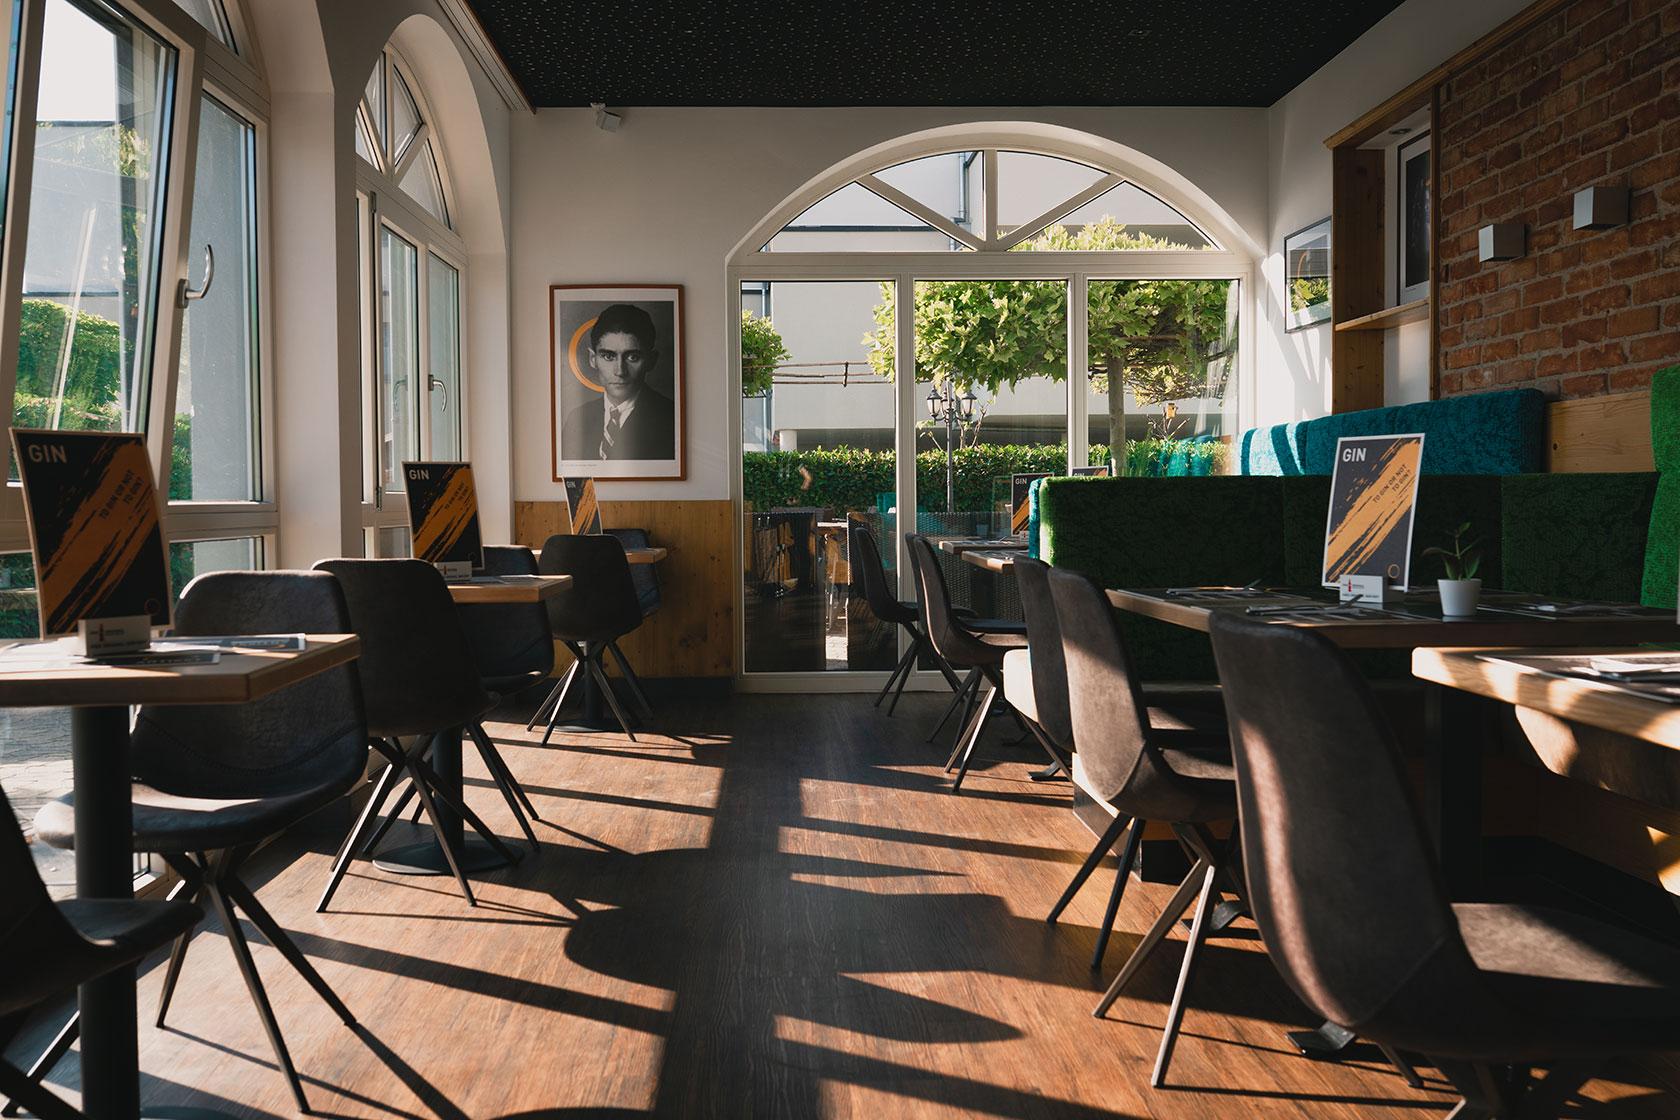 Räumlichkeiten wie Restaurants oder Büros perfekt abgelichtet